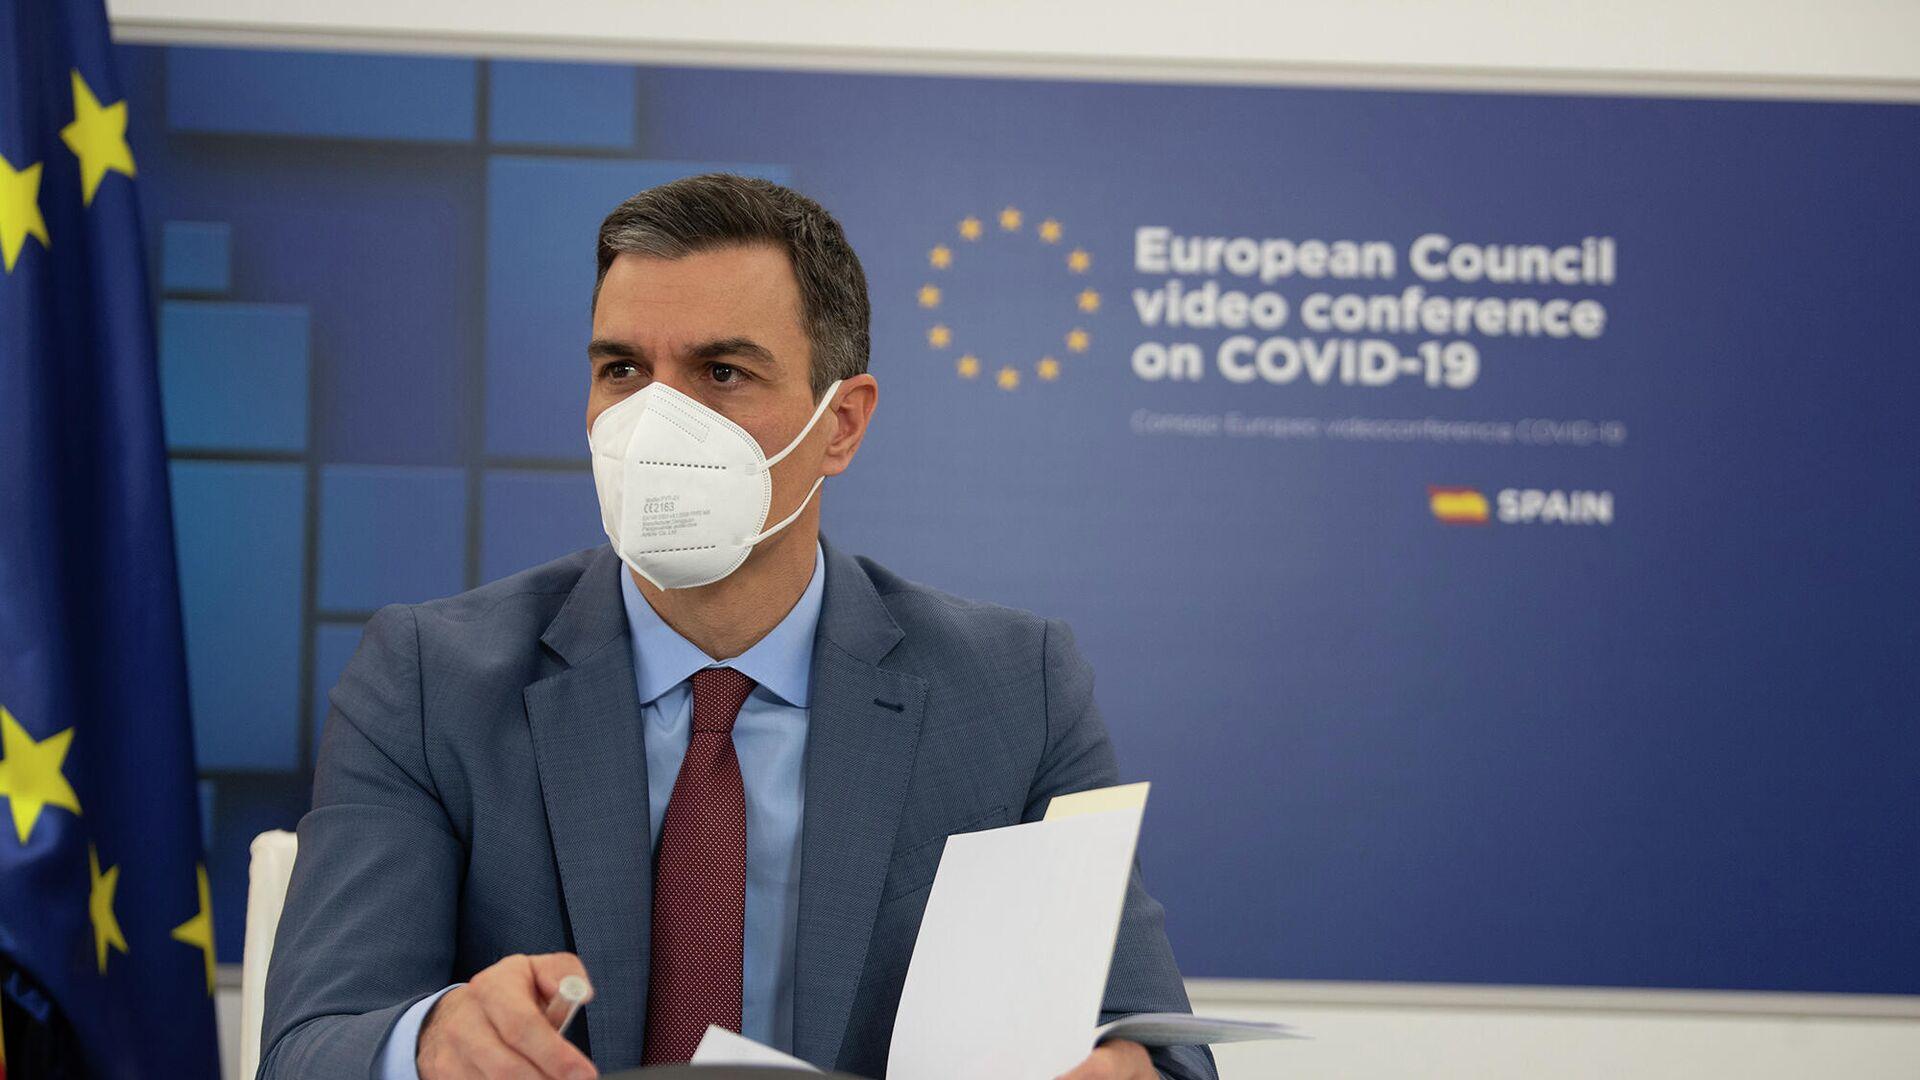 El presidente del Gobierno, Pedro Sánchez, participa por videoconferencia en la reunión del Consejo Europeo Extraordinario del 25 y 26 de febrero. - Sputnik Mundo, 1920, 26.02.2021